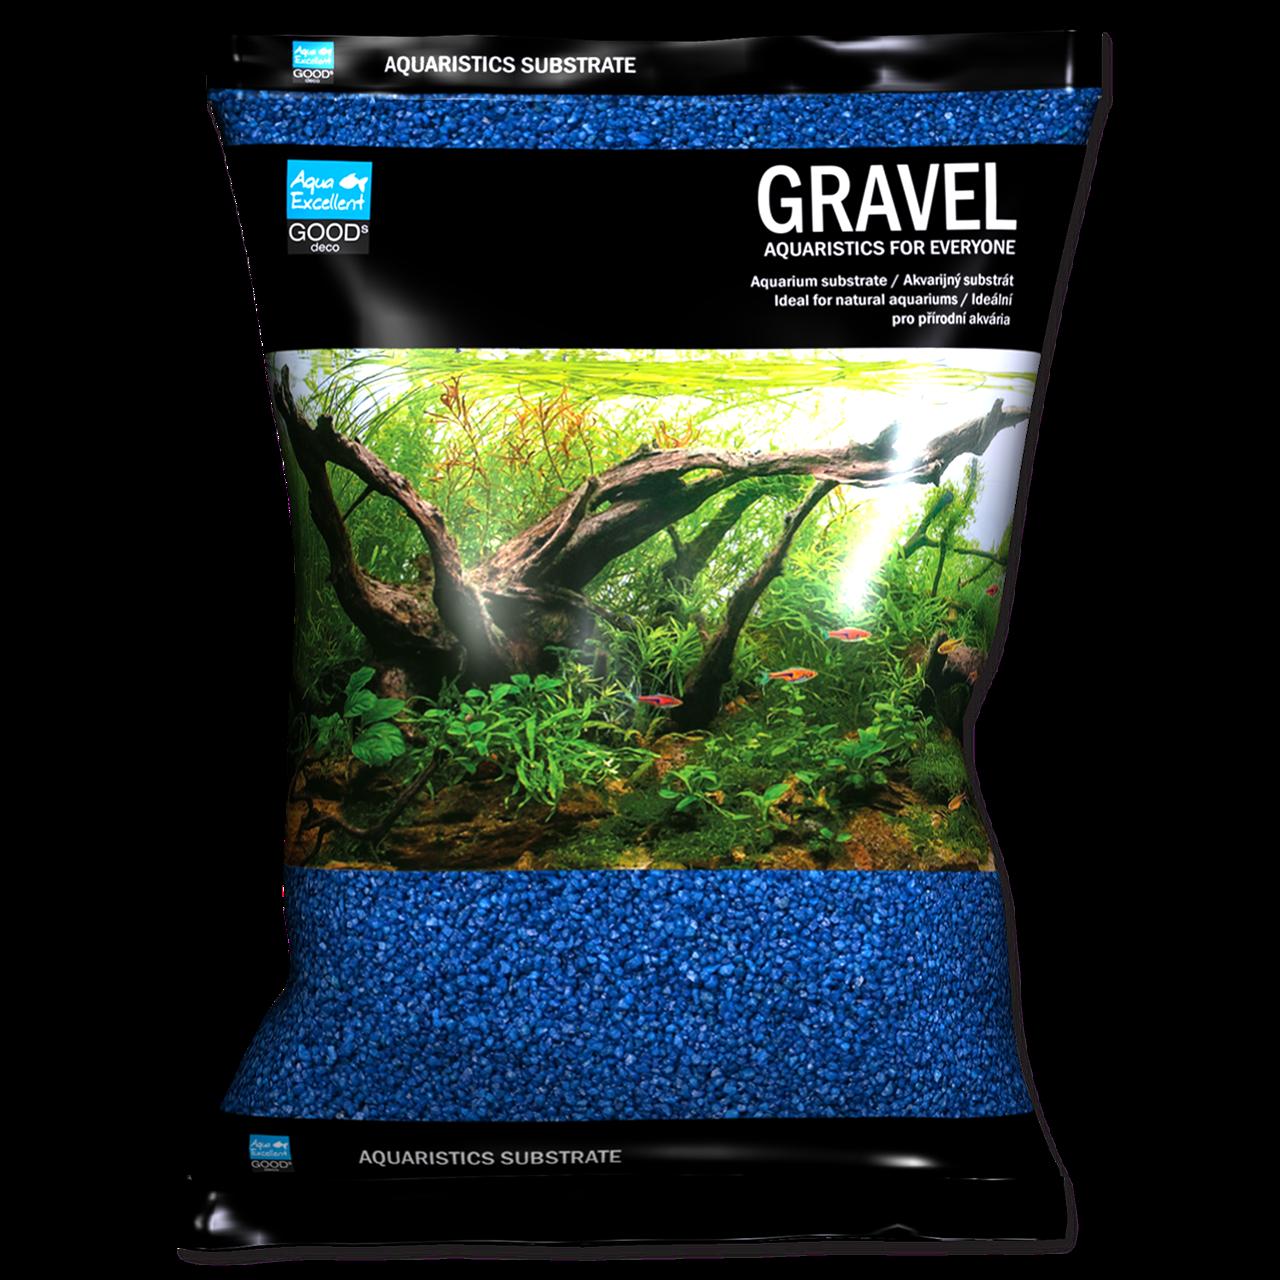 Кварцевый песок для аквариума-как правильно выбирать грунт?